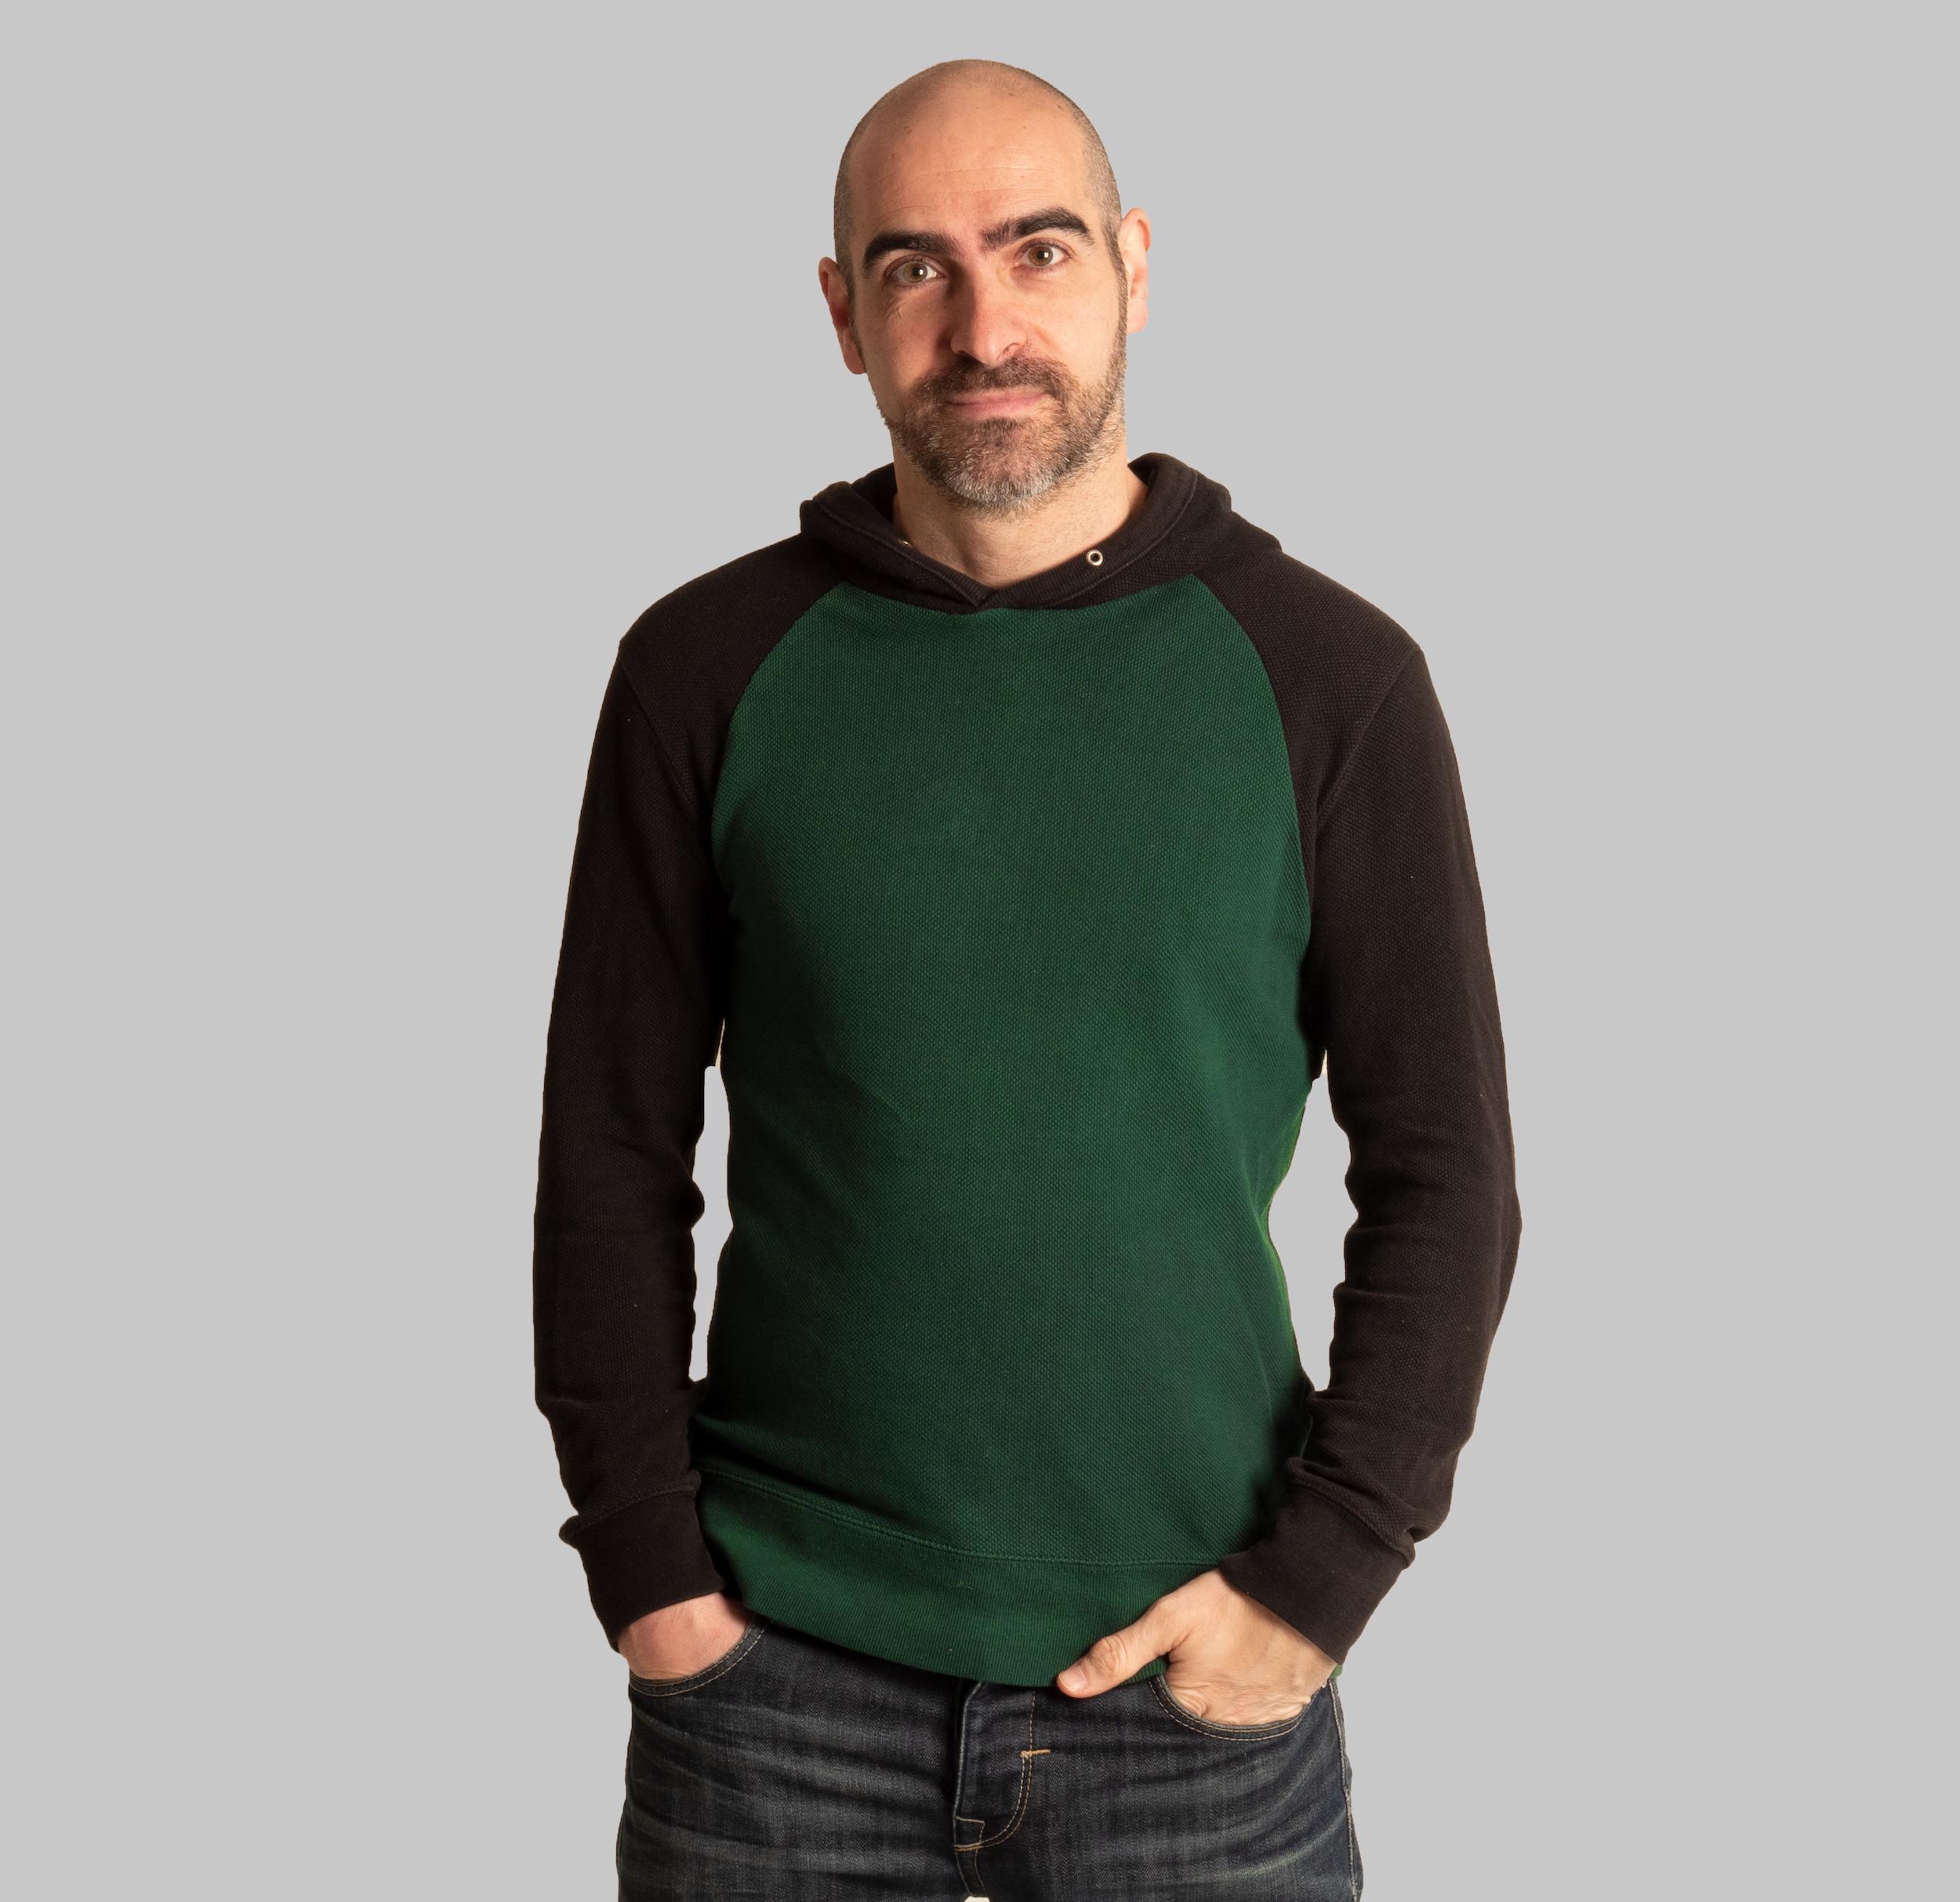 Bernat Muñoz - actor 39